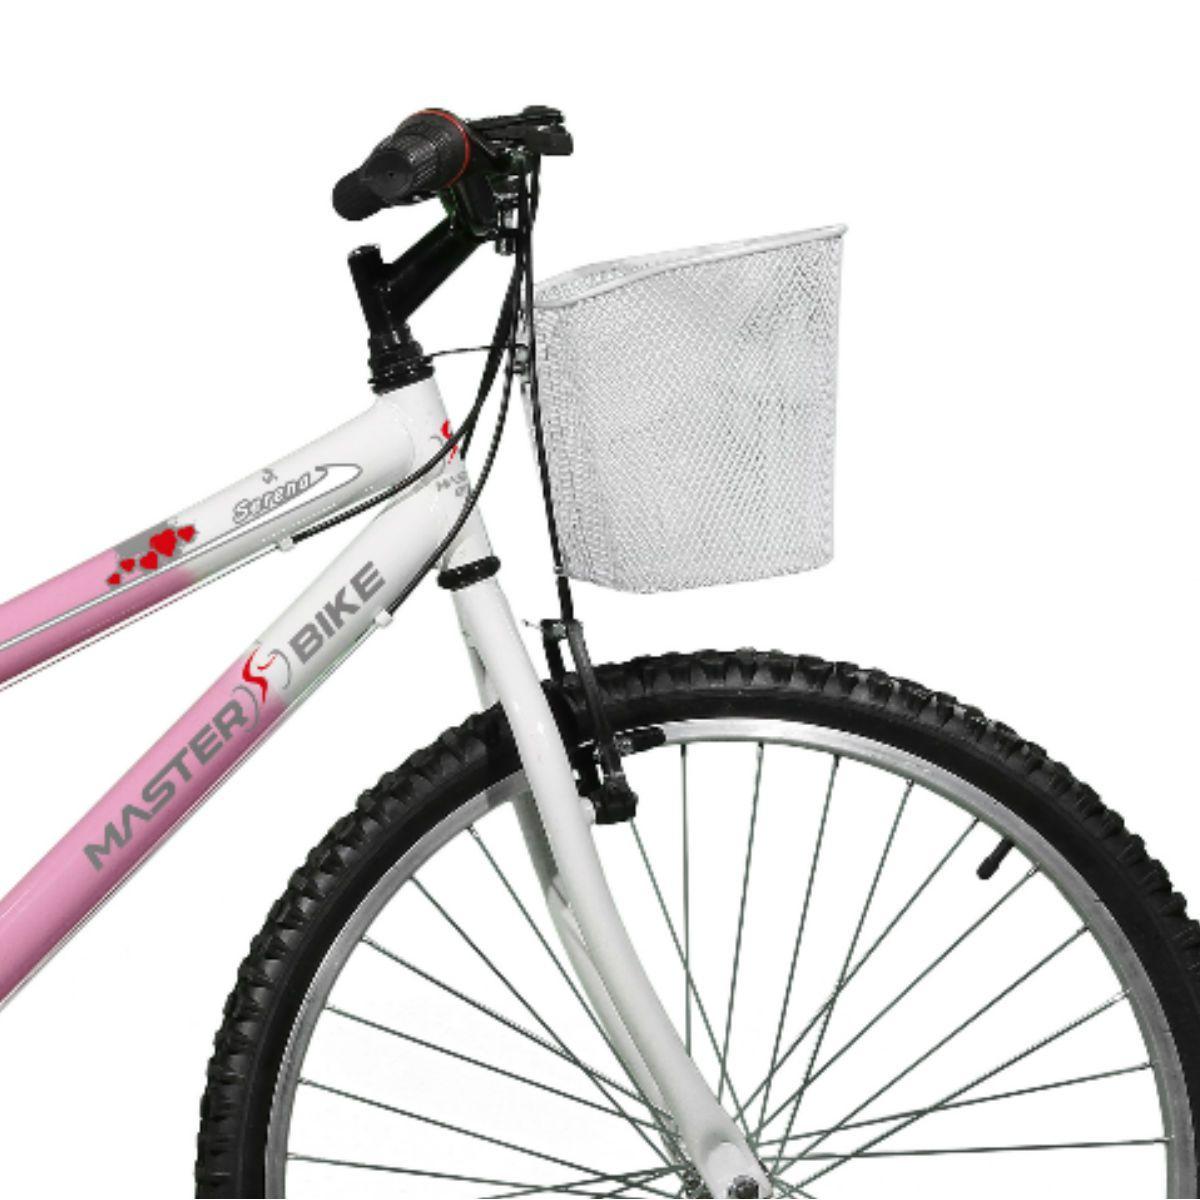 Bicicleta Master Bike Aro 26 Serena Plus 21 Marchas V-Brake Rosa/Branco